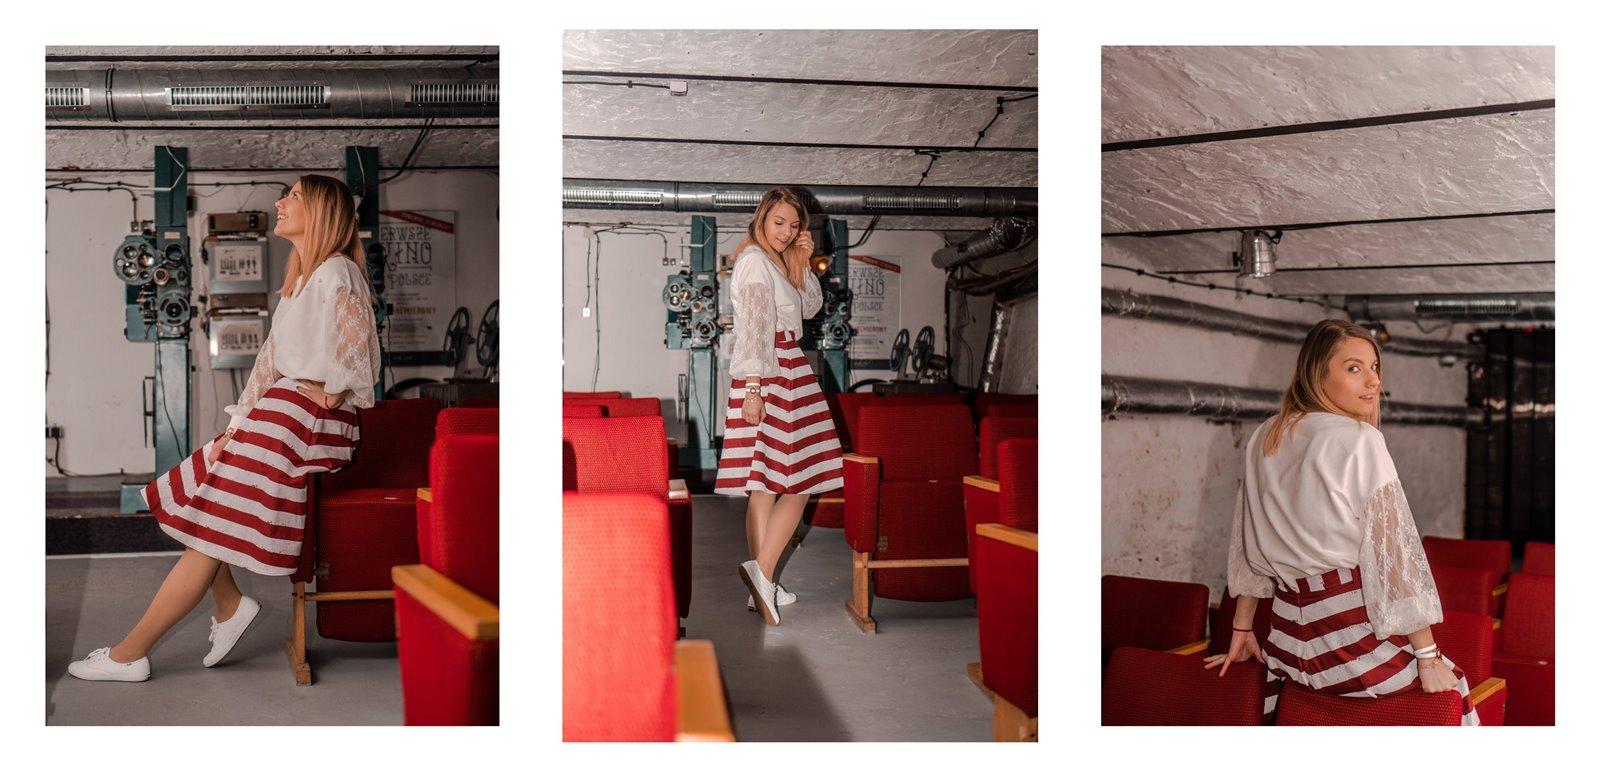 9a Skirt story spódnice szyte na miarę krawiectwo krawcowa online pomysł na prezent dla żony narzeczonej mamy szycie spódnic kraków łódź stylowe hotele stare kino w łodzi opinie recenzje pokoje gdzie się zatrzymać